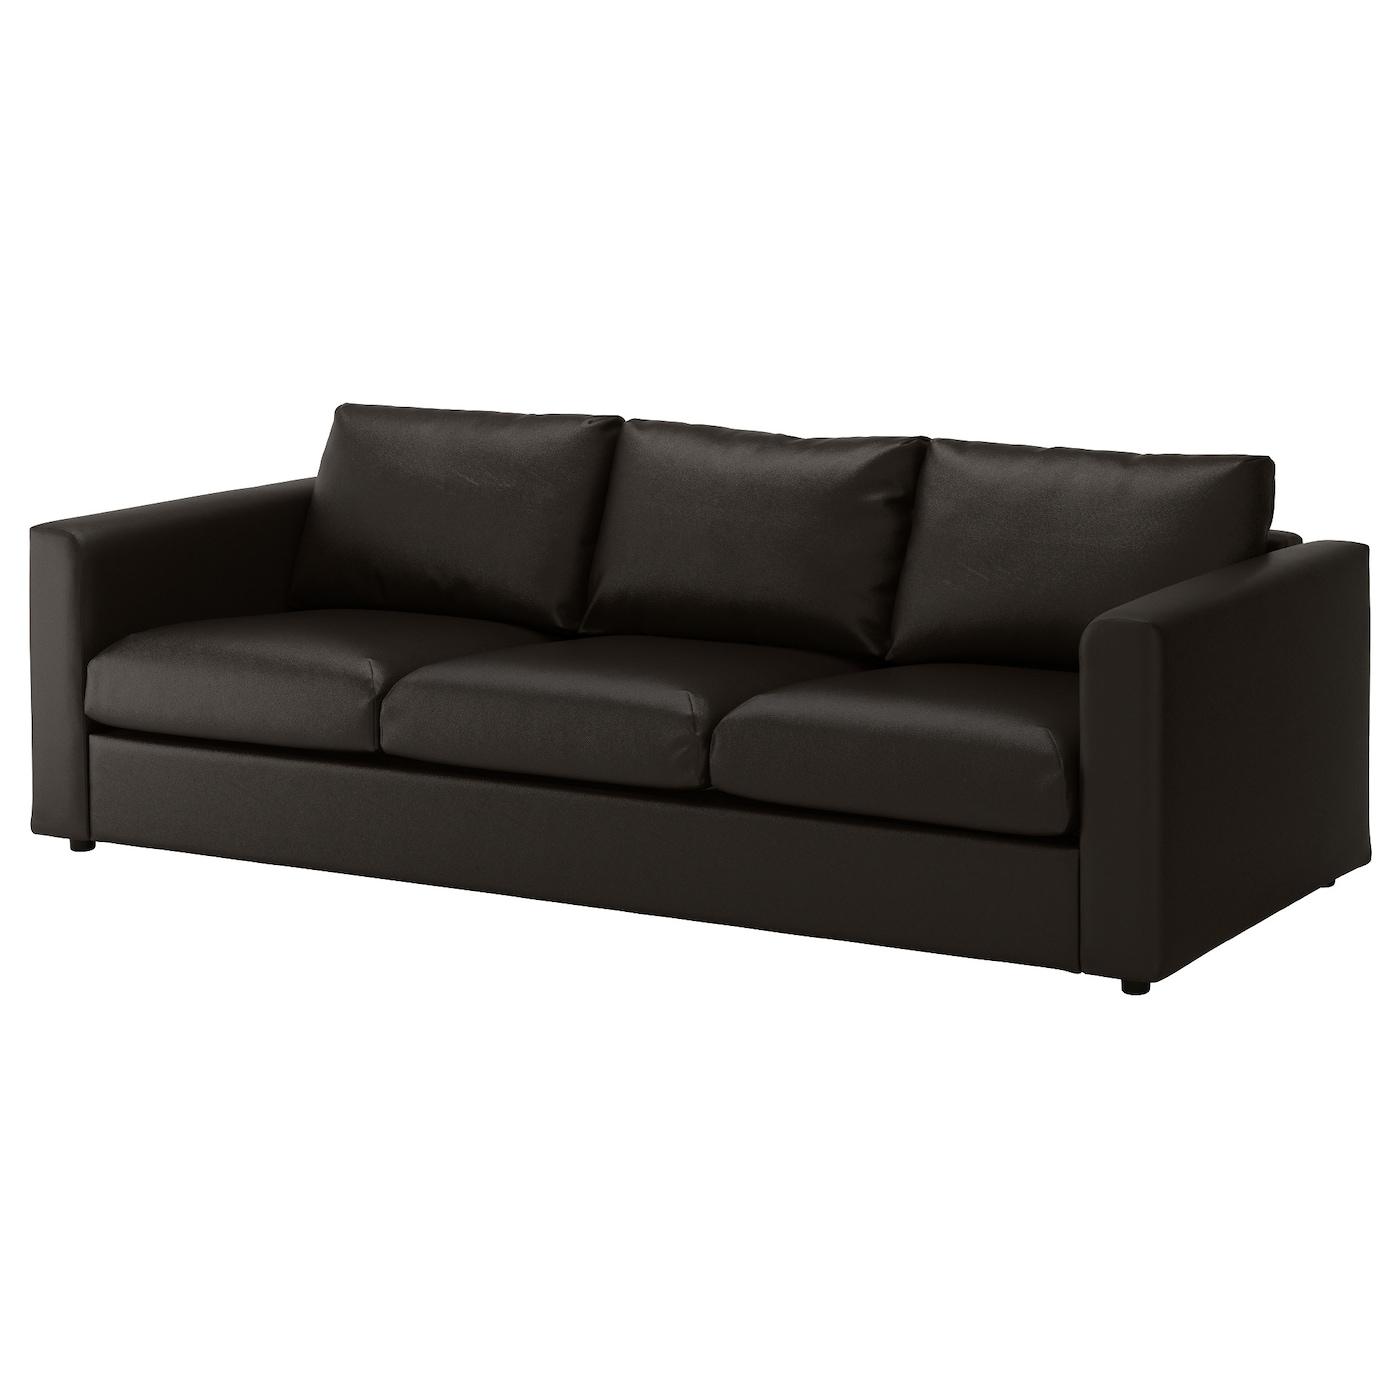 IKEA VIMLE czarna sofa trzyosobowa